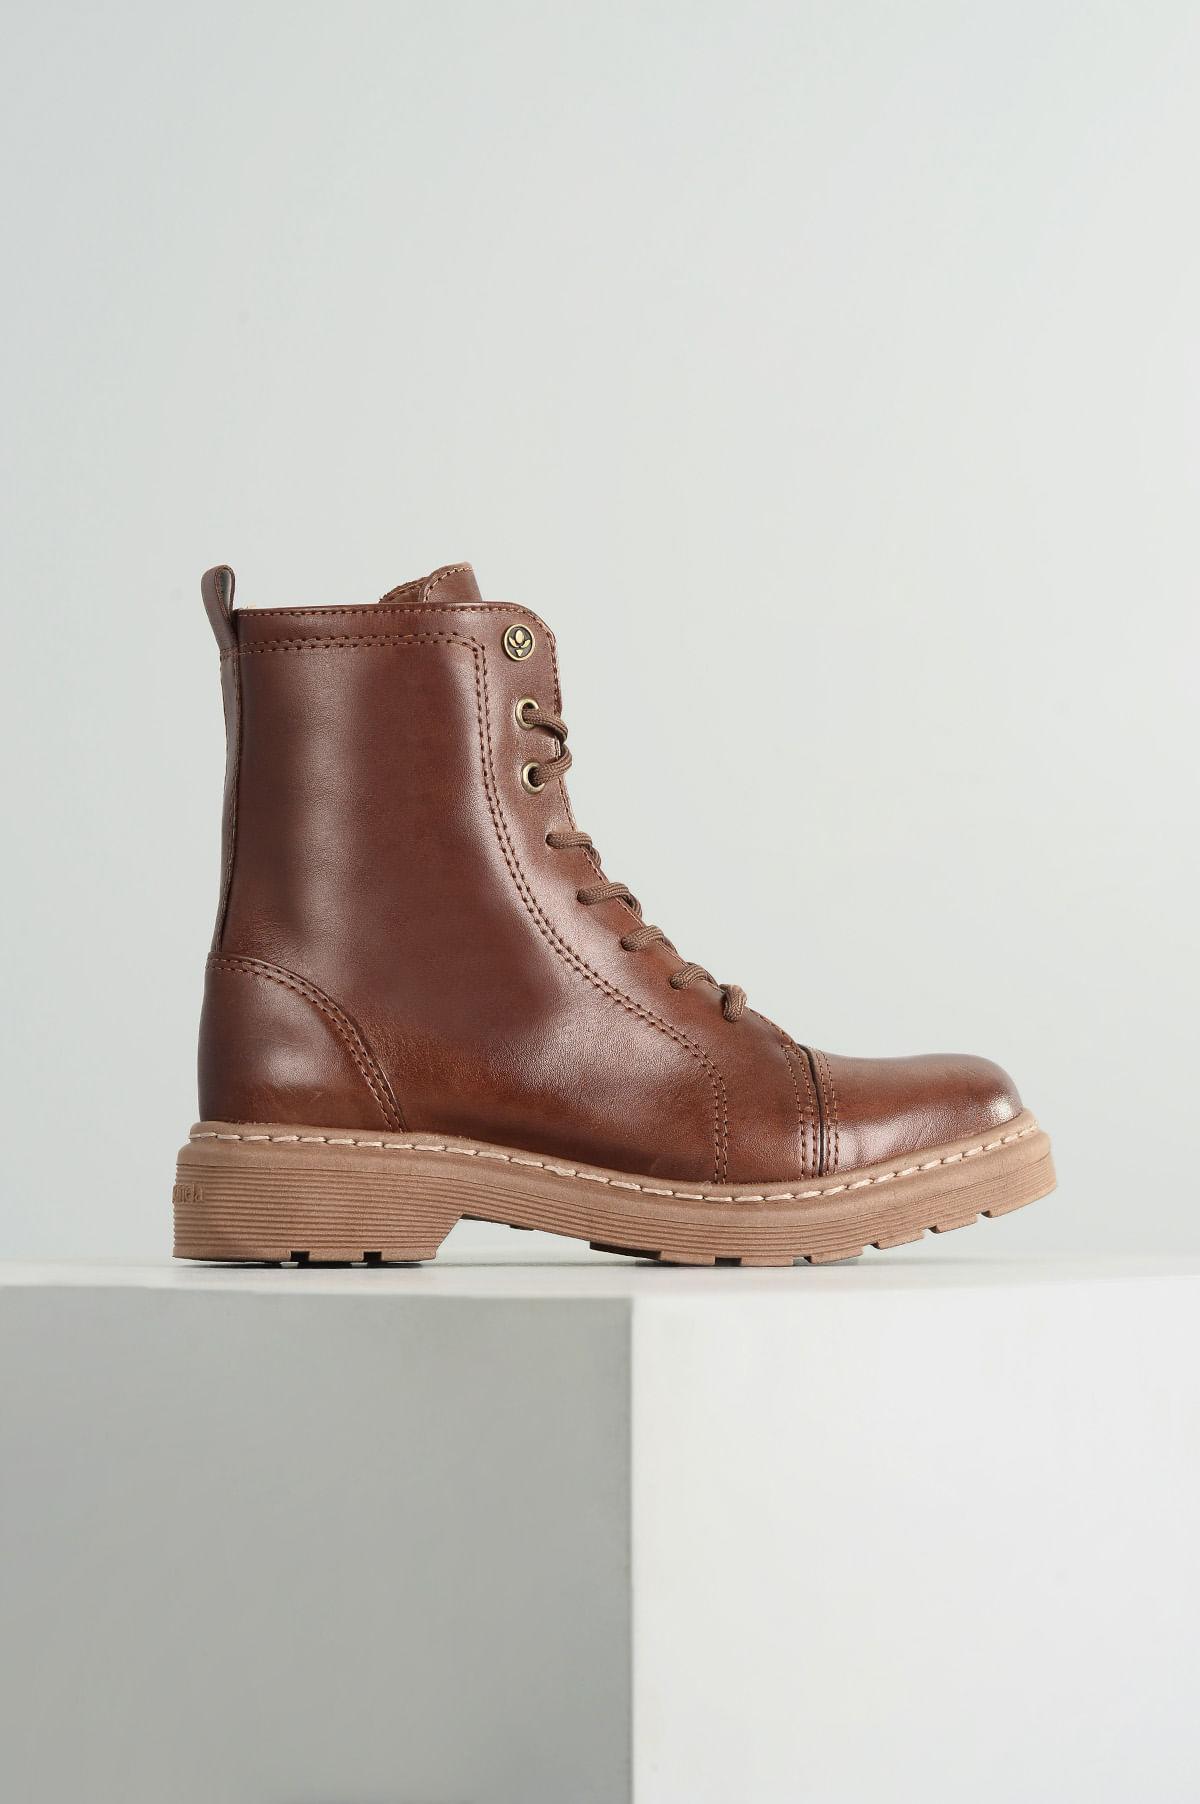 8acbf16749 Bota Coturno Gracy Cravo e Canela CR - CAFE - Mundial Calçados